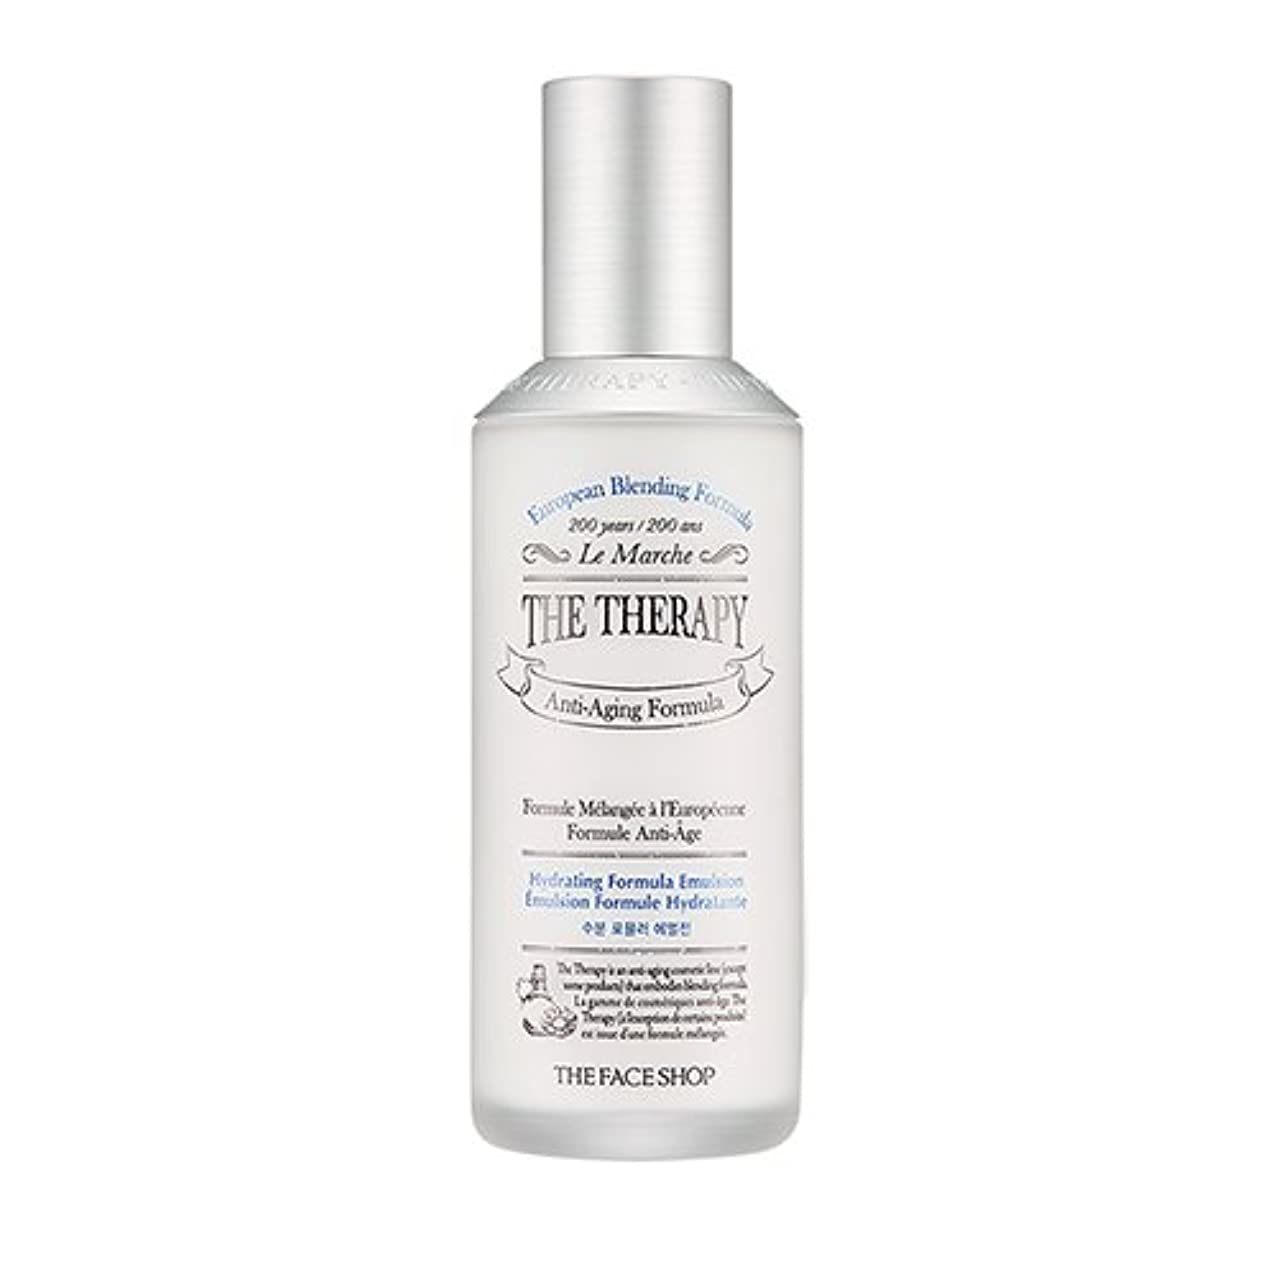 ポインタ愚かな後THE FACE SHOP The Therapy Hydrating Formula Emulsion 130ml/ザフェイスショップ ザ セラピー ハイドレーティング フォーミュラ エマルジョン 130ml